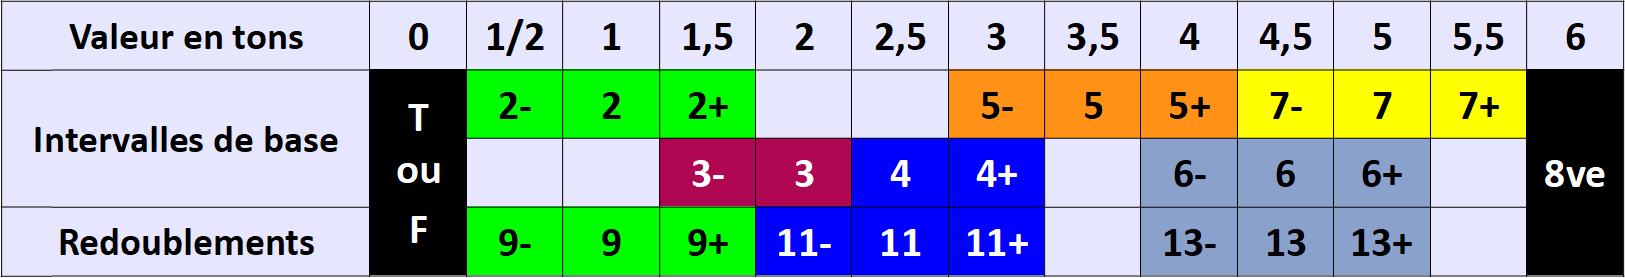 Tableau des intervalles en couleurs relatives